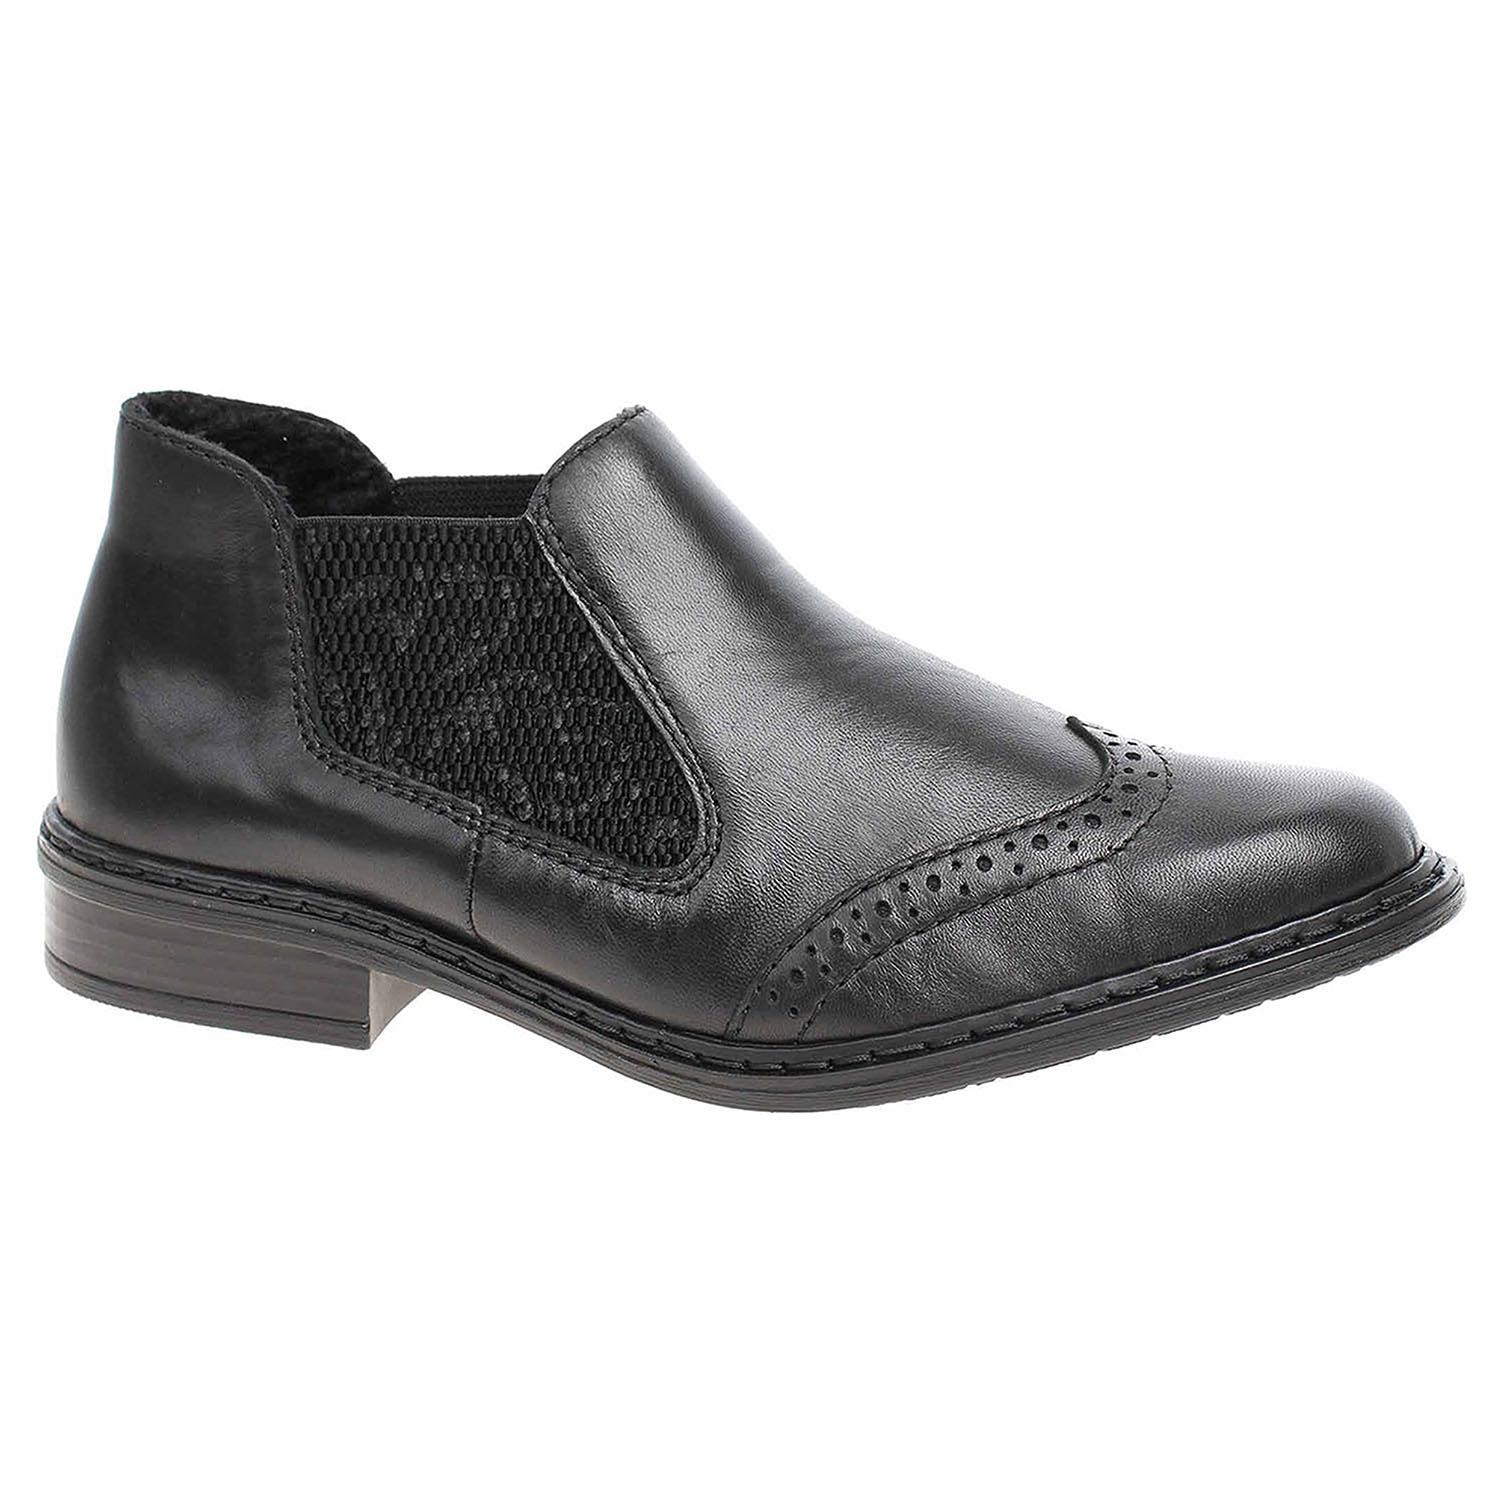 96f8c628805f7 Dámska topánky Rieker 52093-00 schwarz | REJNOK obuv